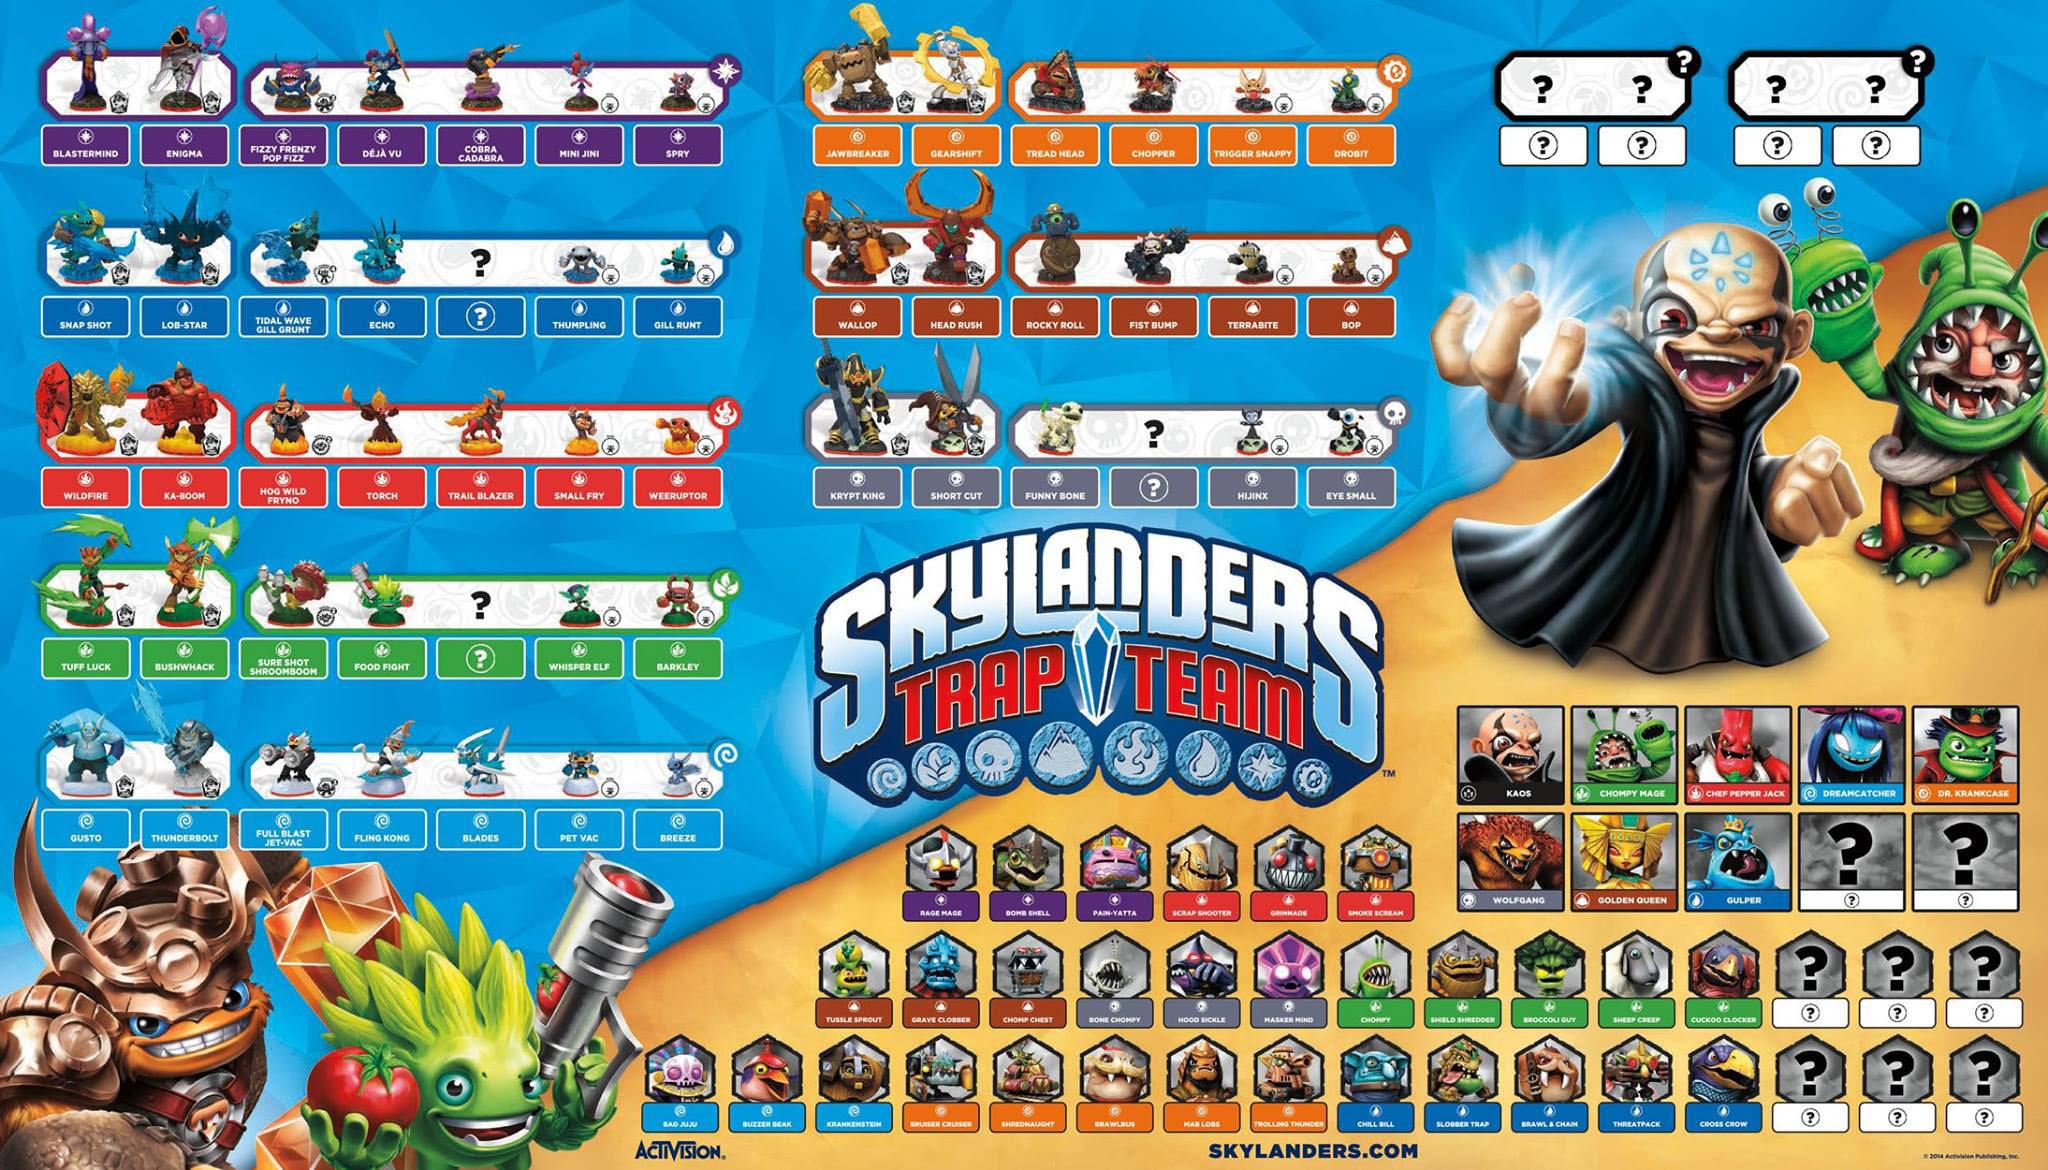 … skylanders trap team characters poster wallpaper 2306 on …